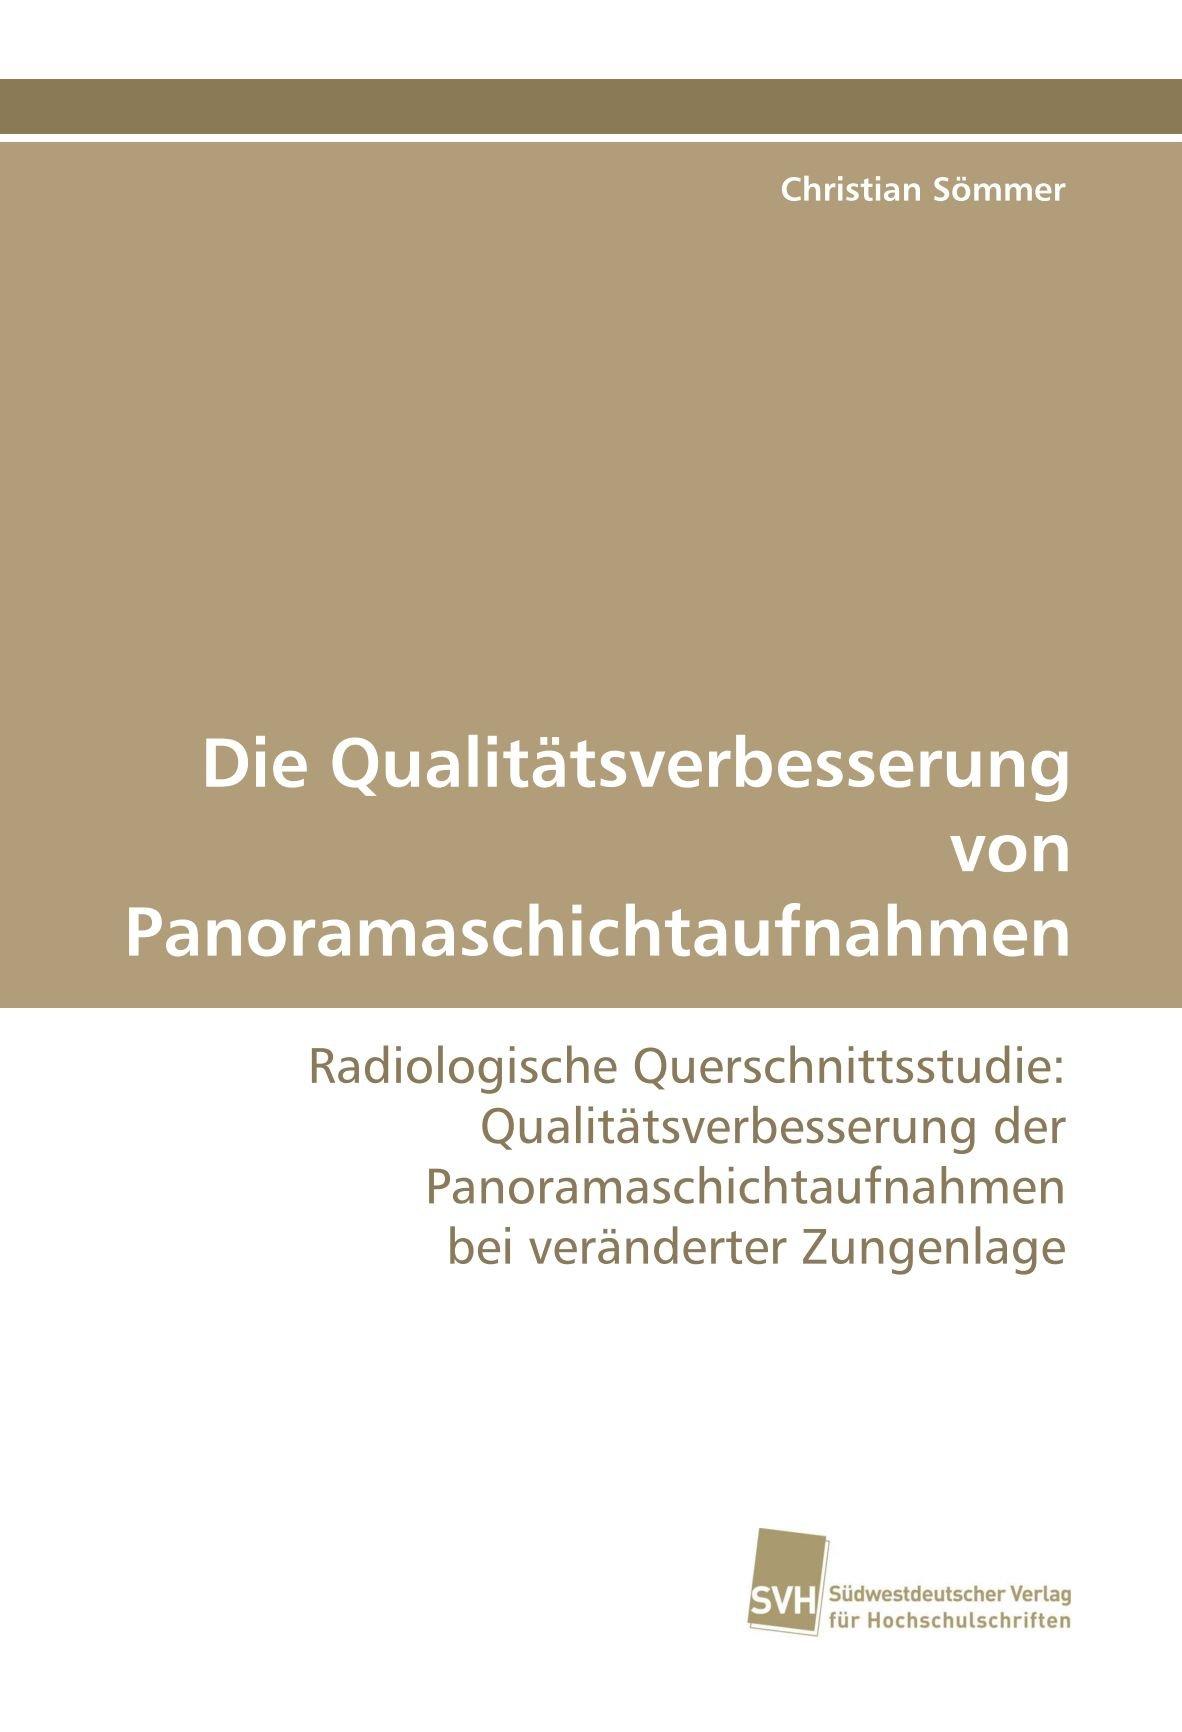 Die Qualitätsverbesserung von Panoramaschichtaufnahmen: Radiologische Querschnittsstudie: Qualitätsverbesserung der Panoramaschichtaufnahmen bei veränderter Zungenlage